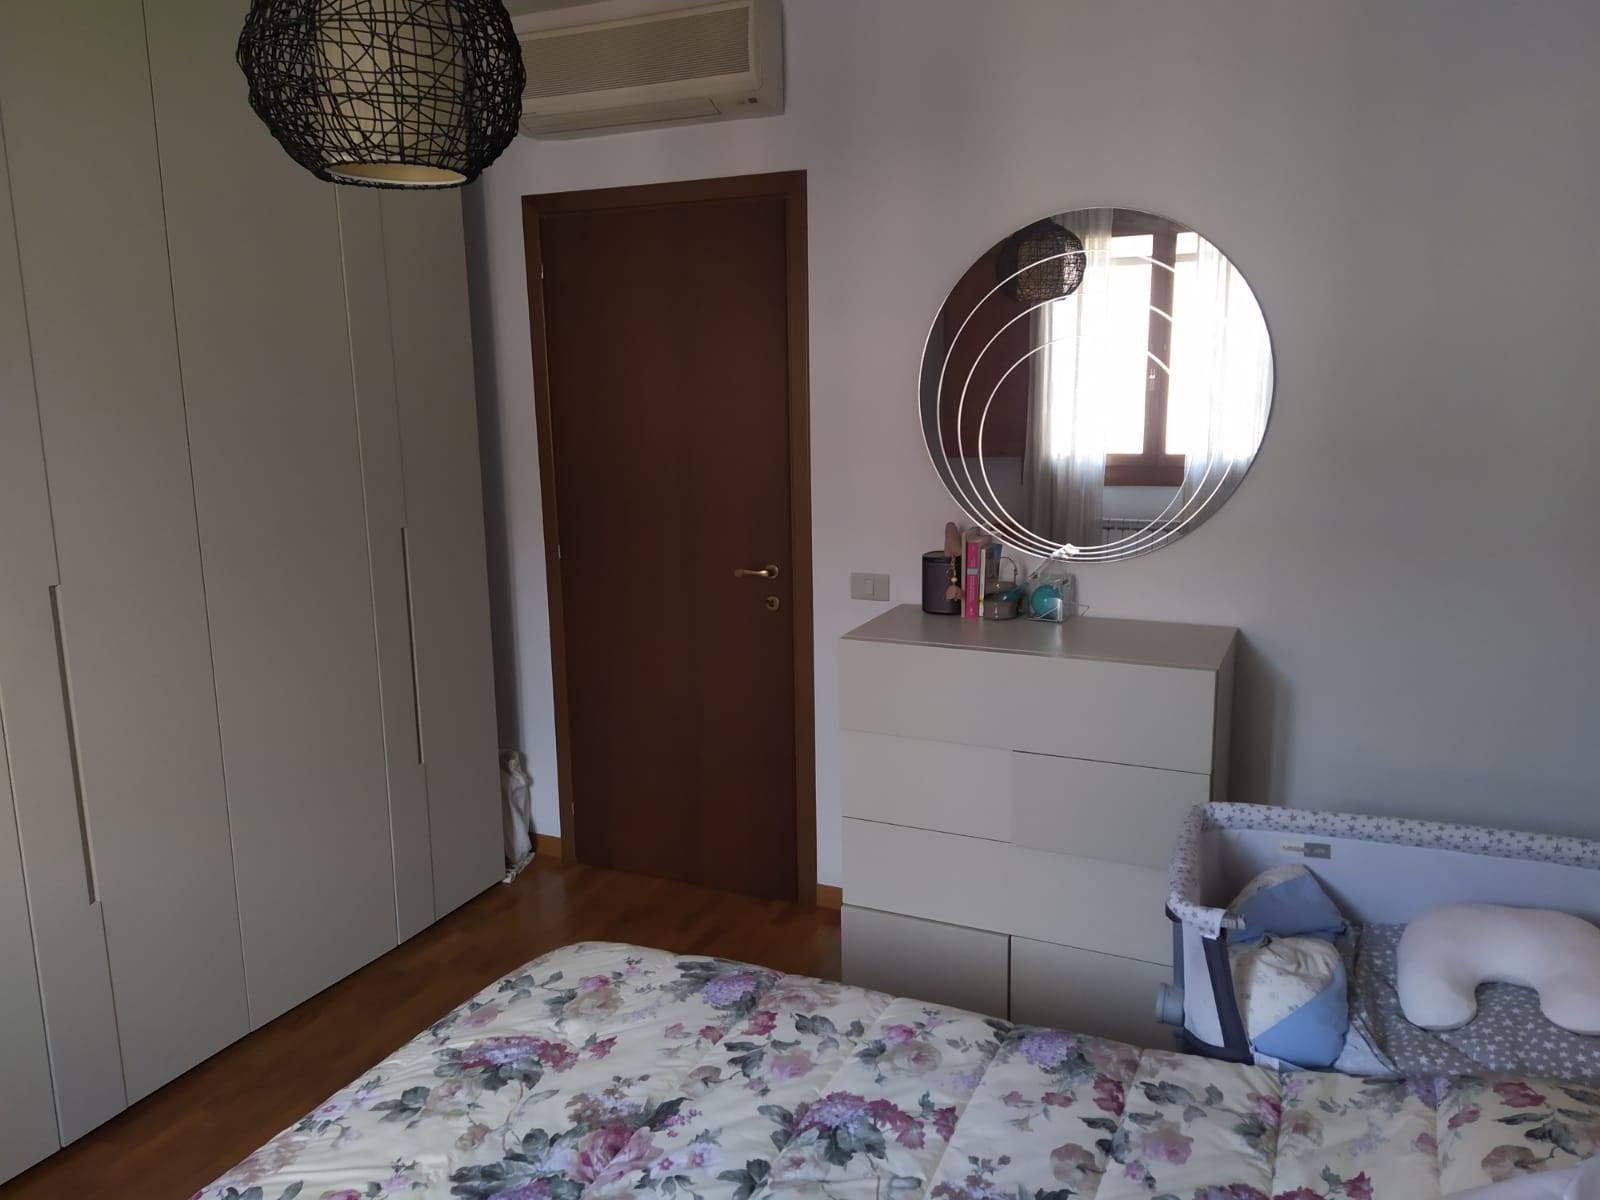 Appartamento in Vendita a Campi bisenzio zona San martino - immagine 8